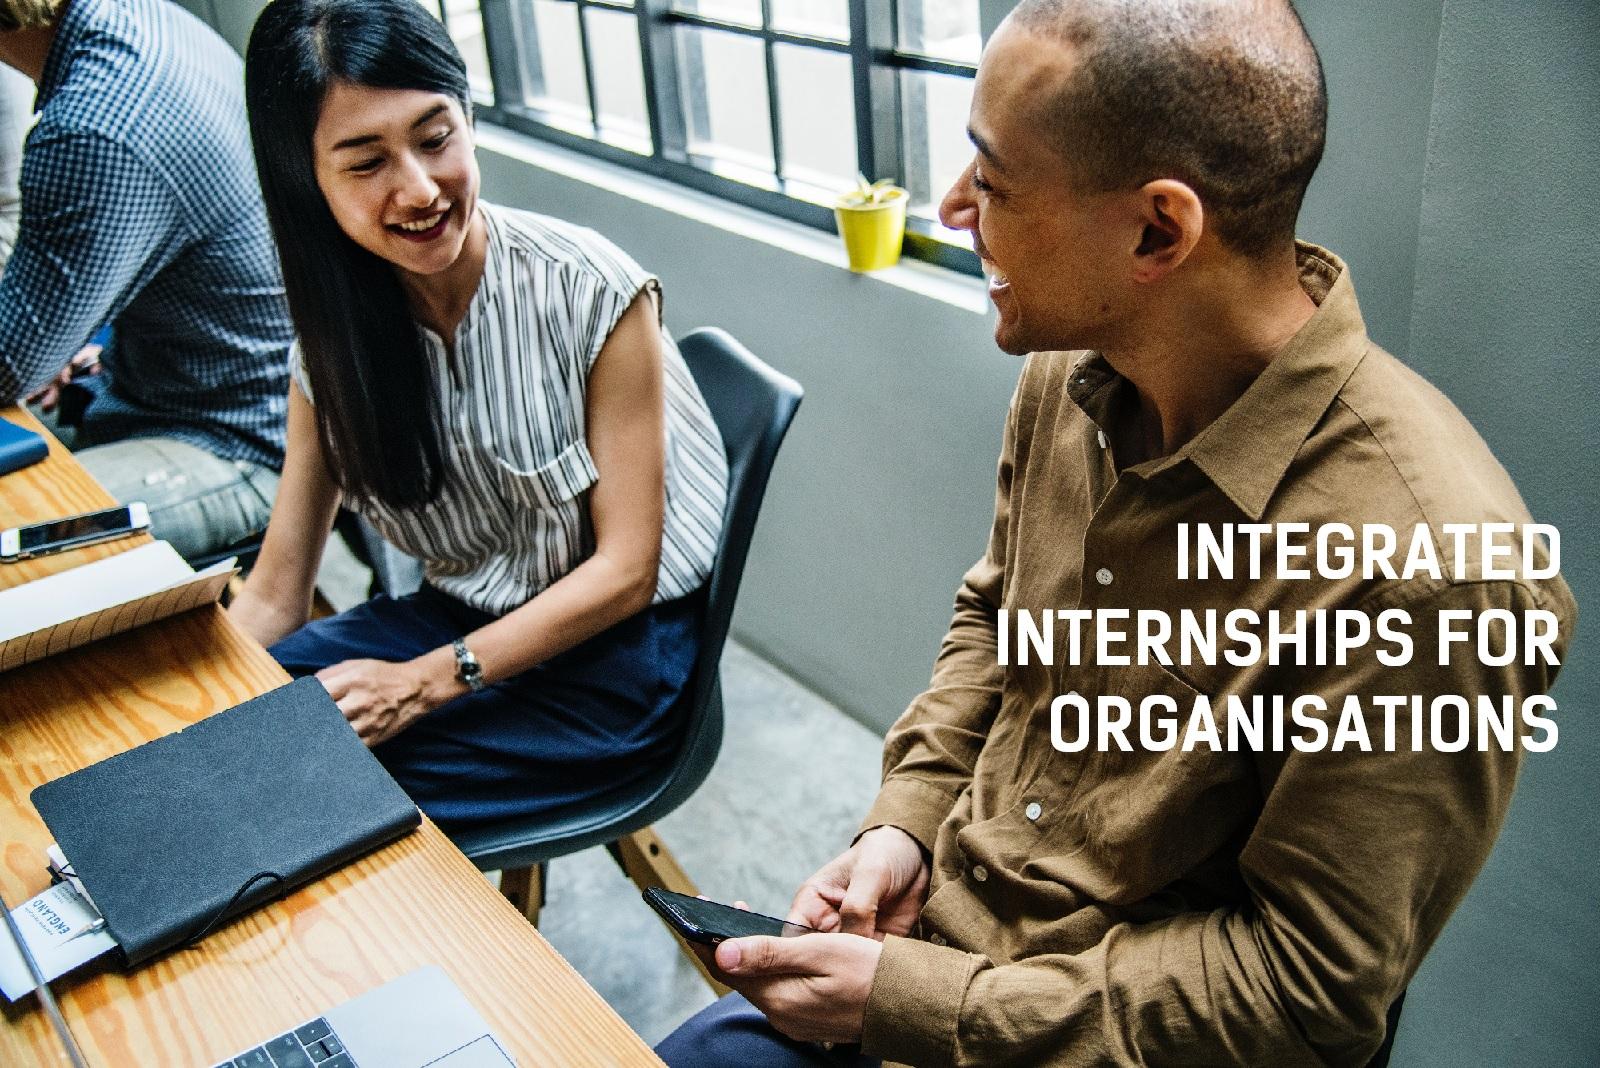 Integrated Internships